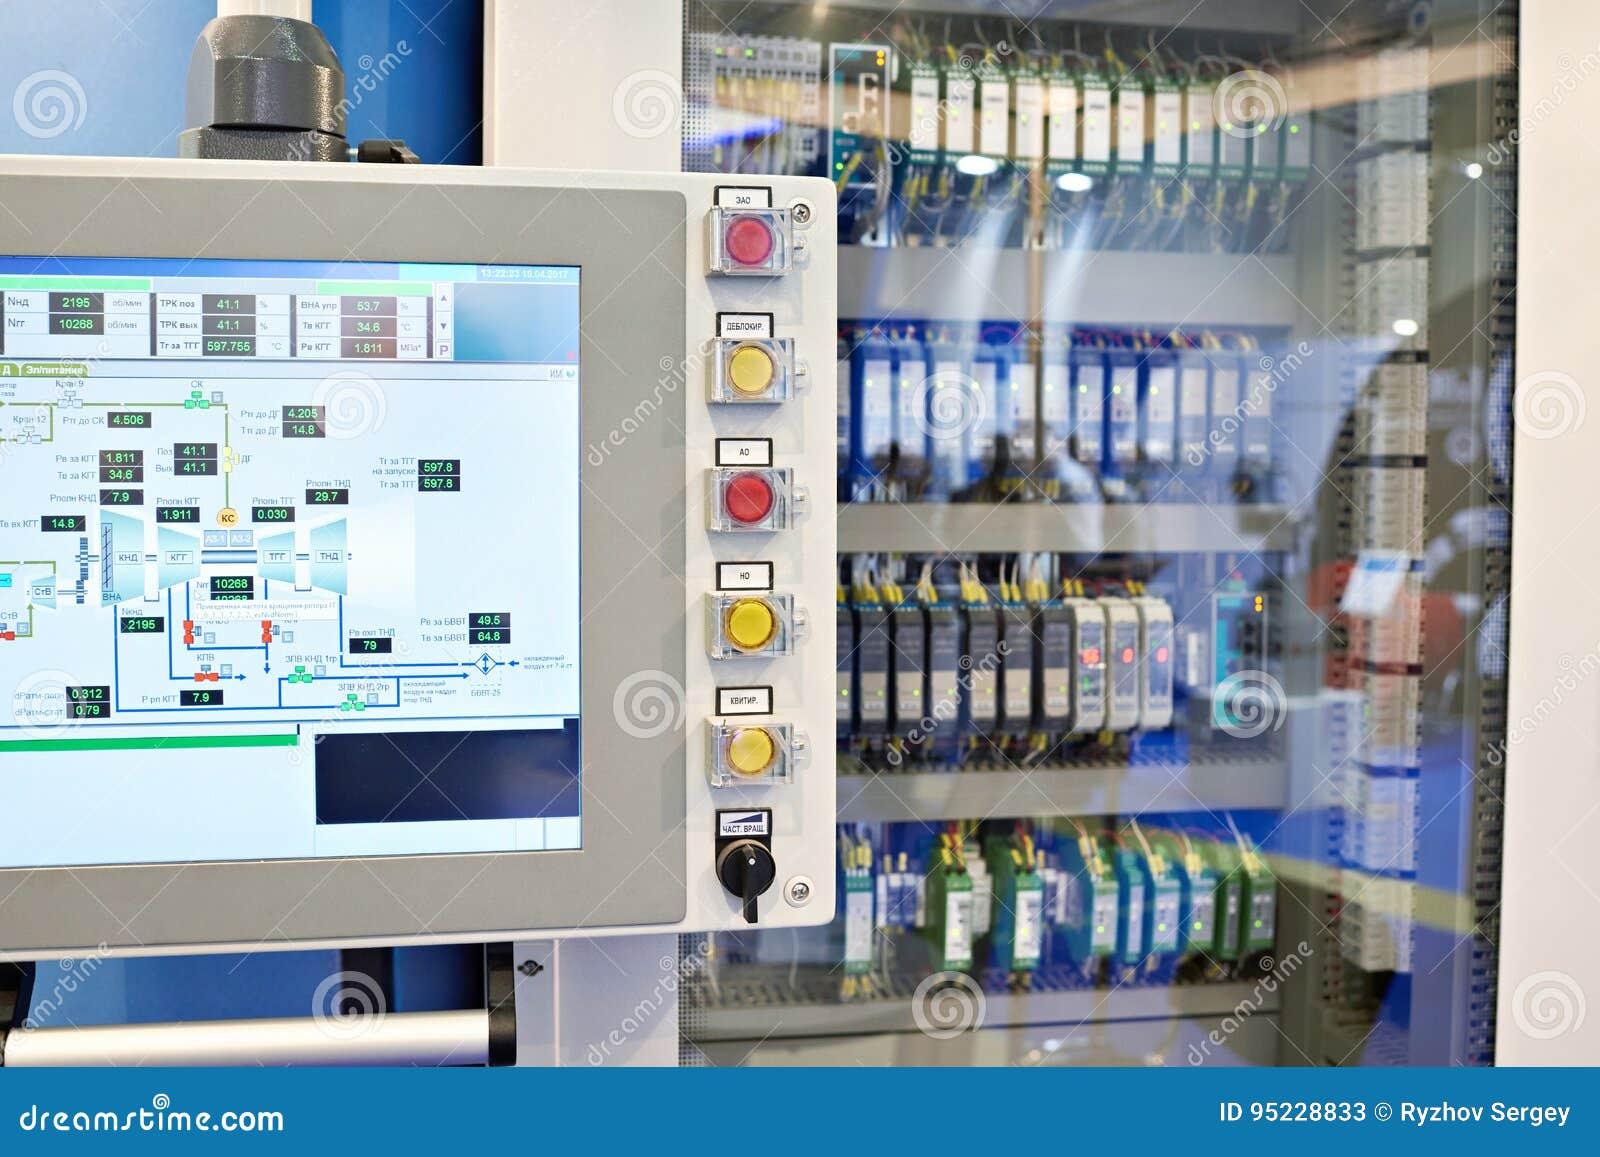 Пульт управления для automatics двигателей и насосов